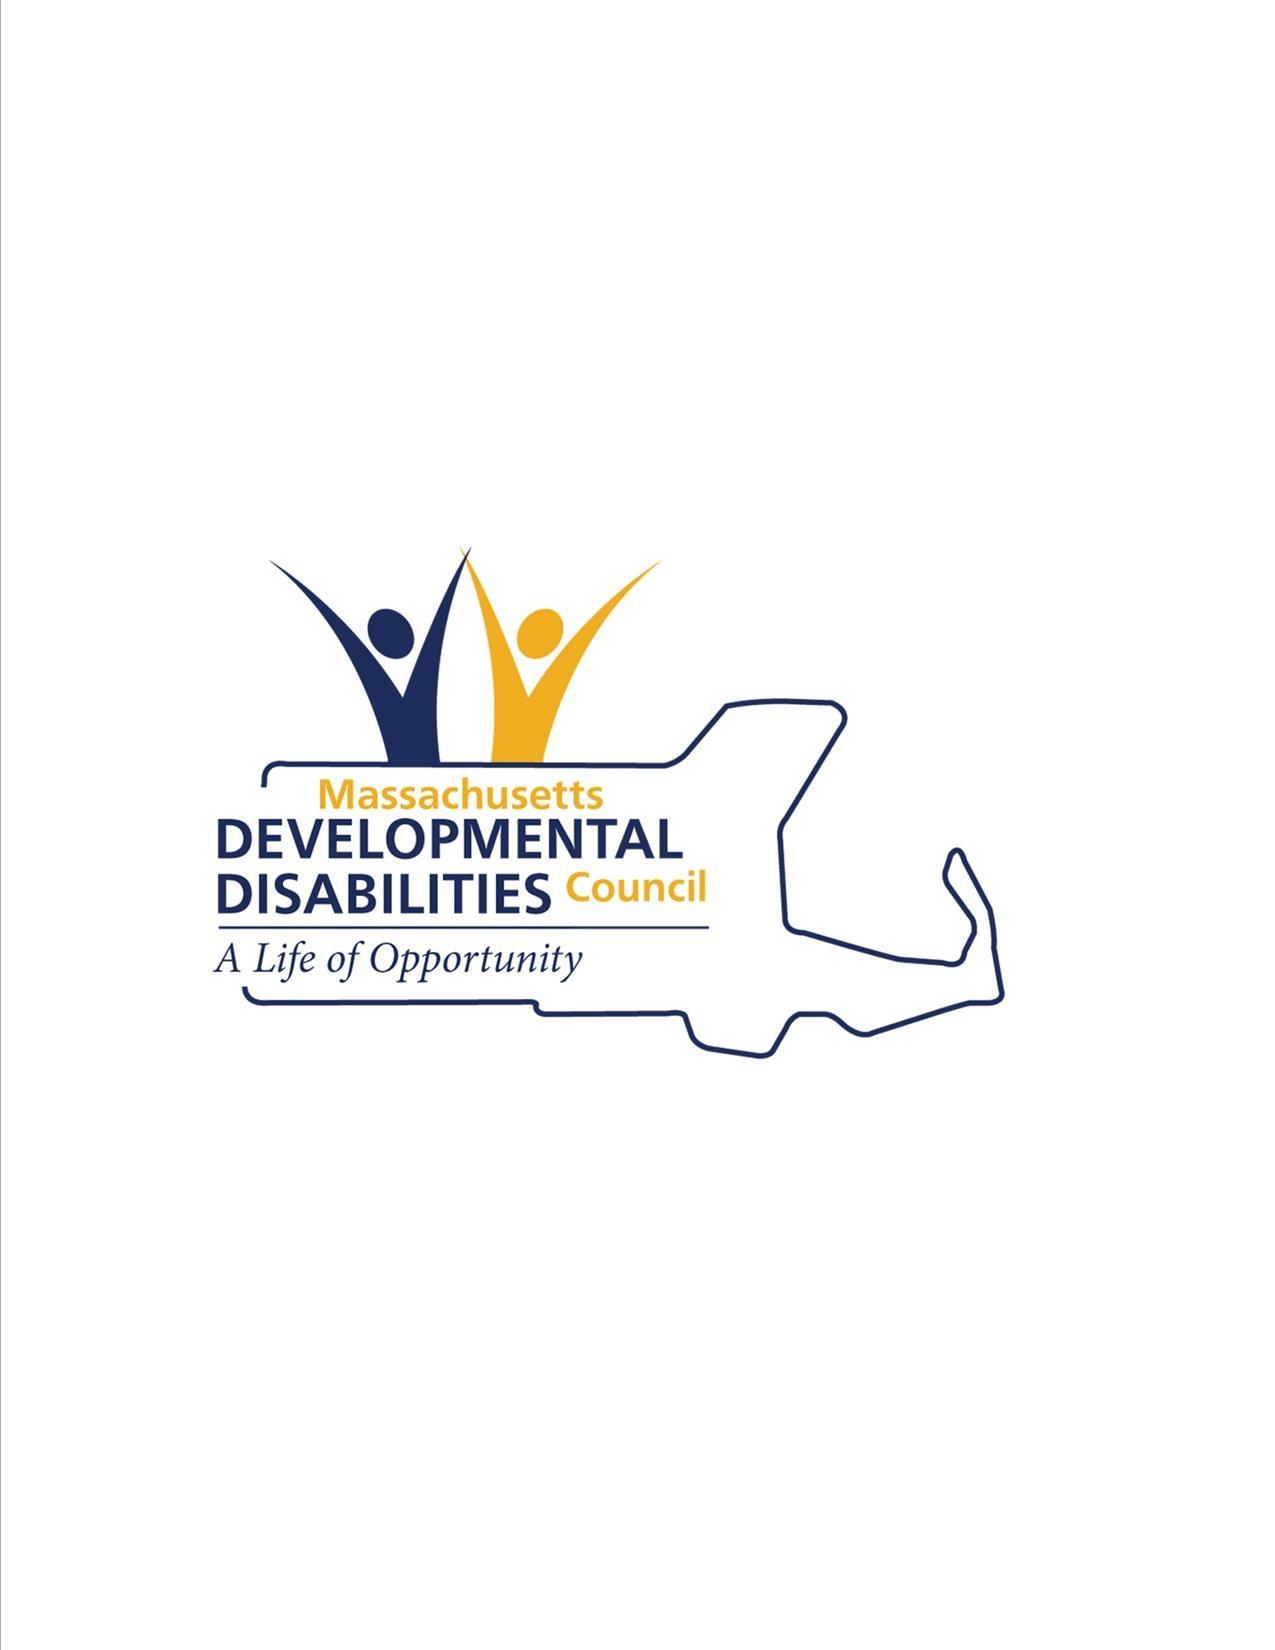 Massachusetts Developmental Disabilities Council